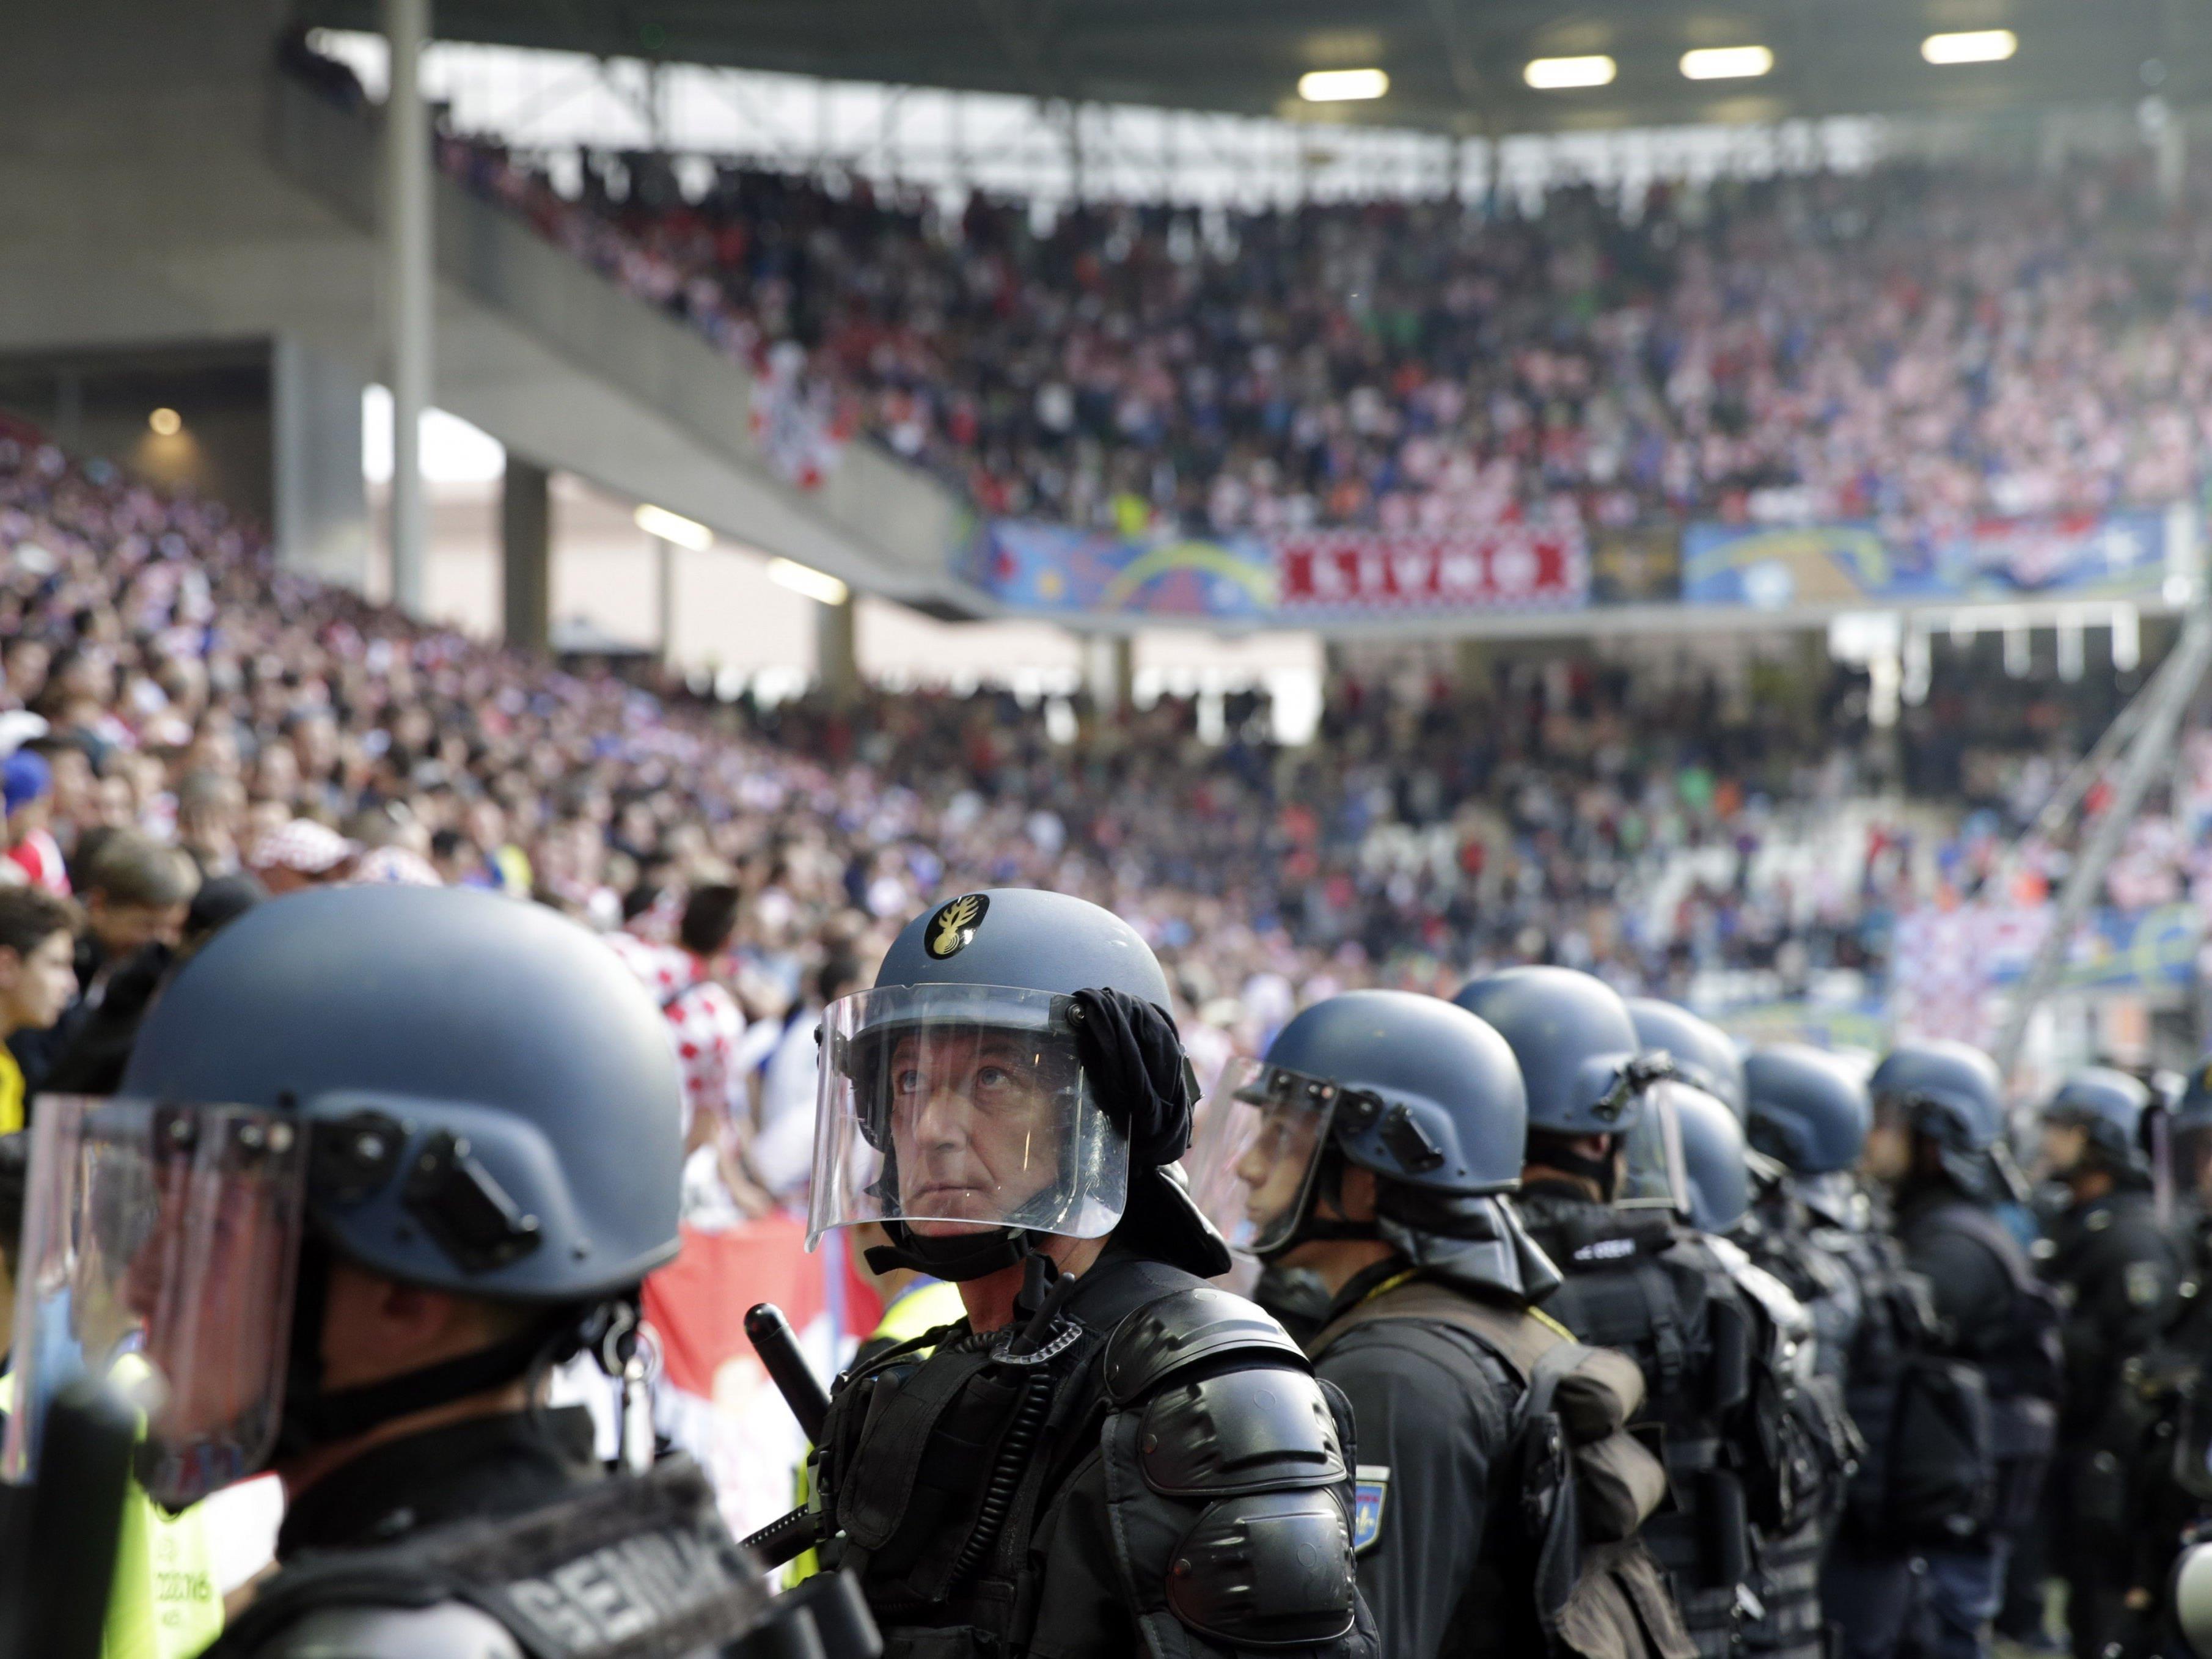 Nach den Fan-Randalen der Kroaten droht nun eine empfindliche Strafe.